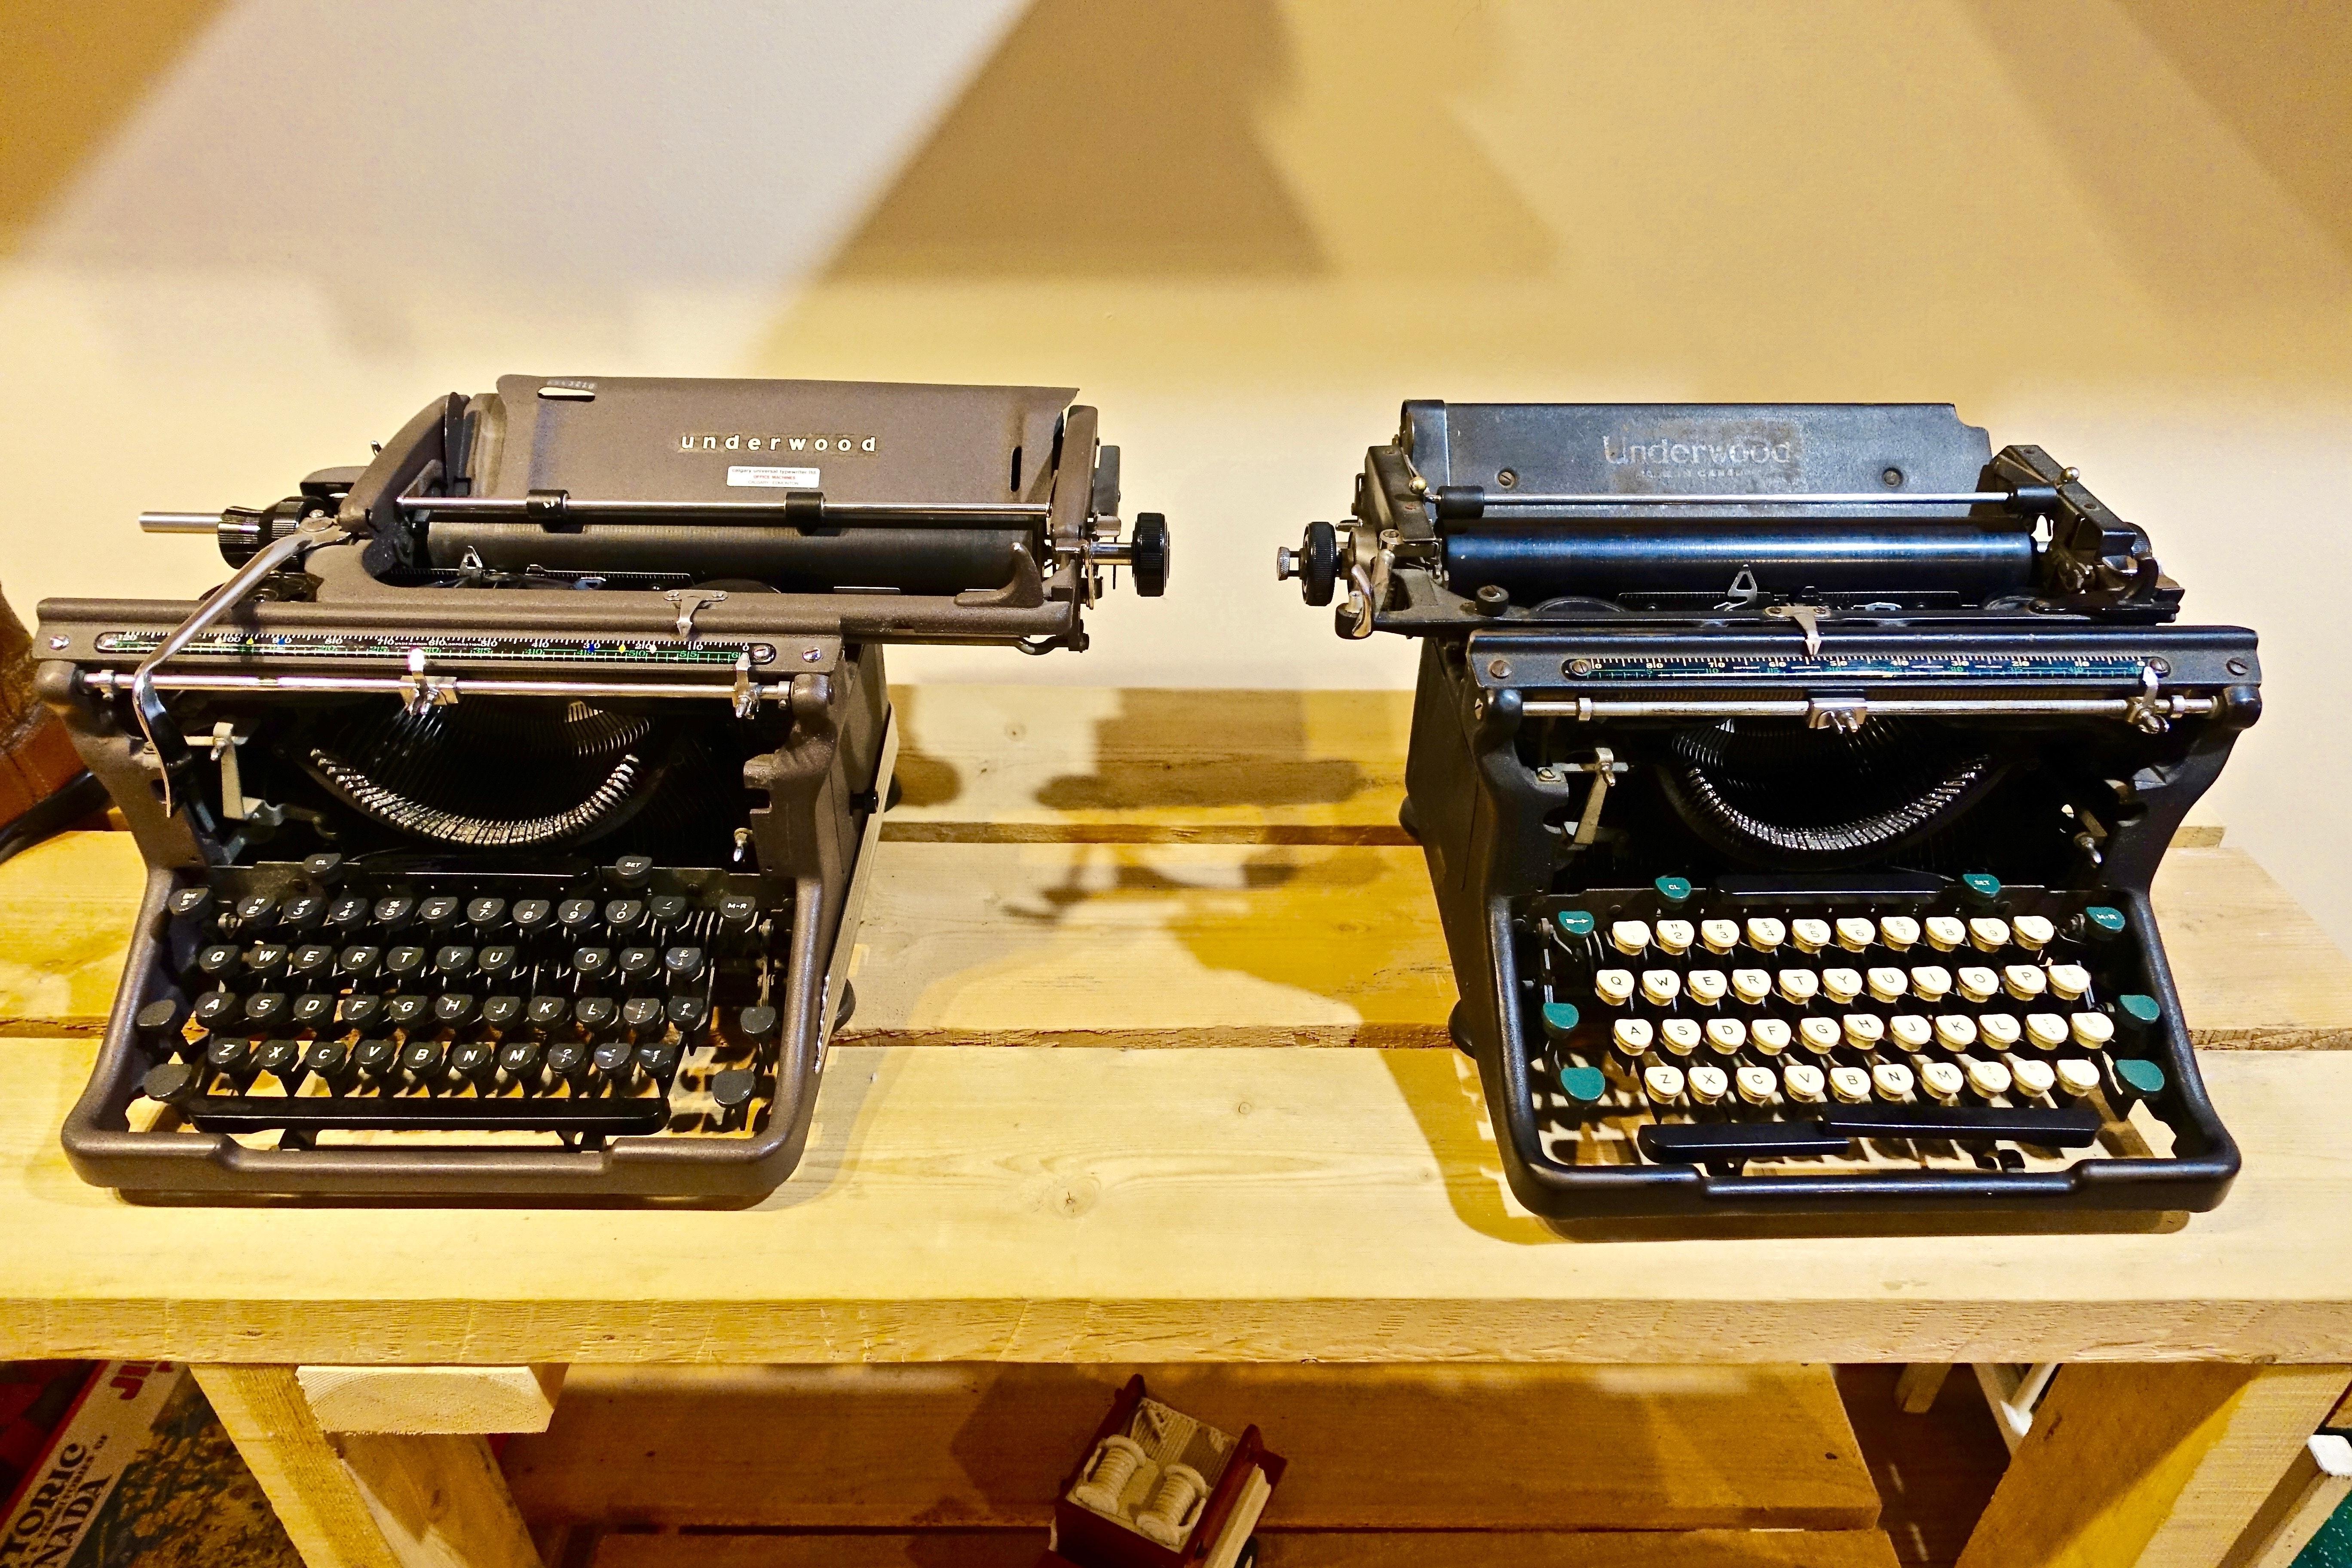 Black Vintage Typewriter 183 Free Stock Photo